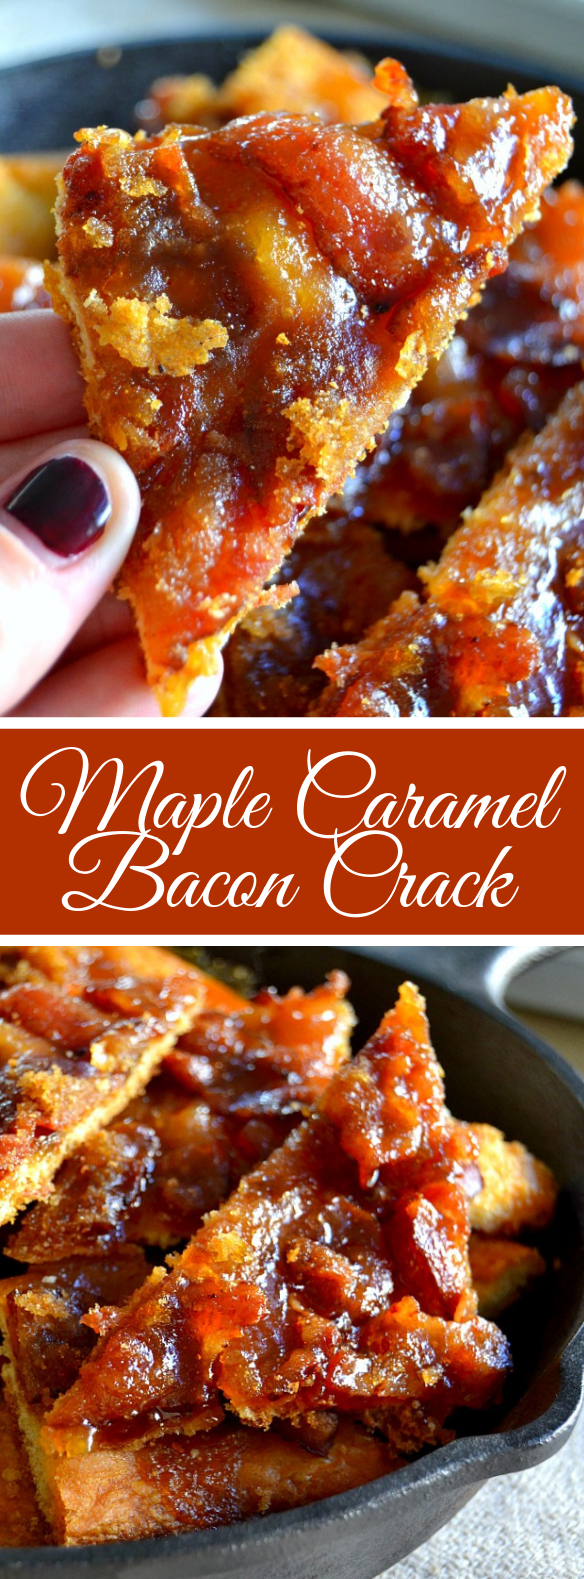 Maple Caramel Bacon Crack #breakfast #dessert